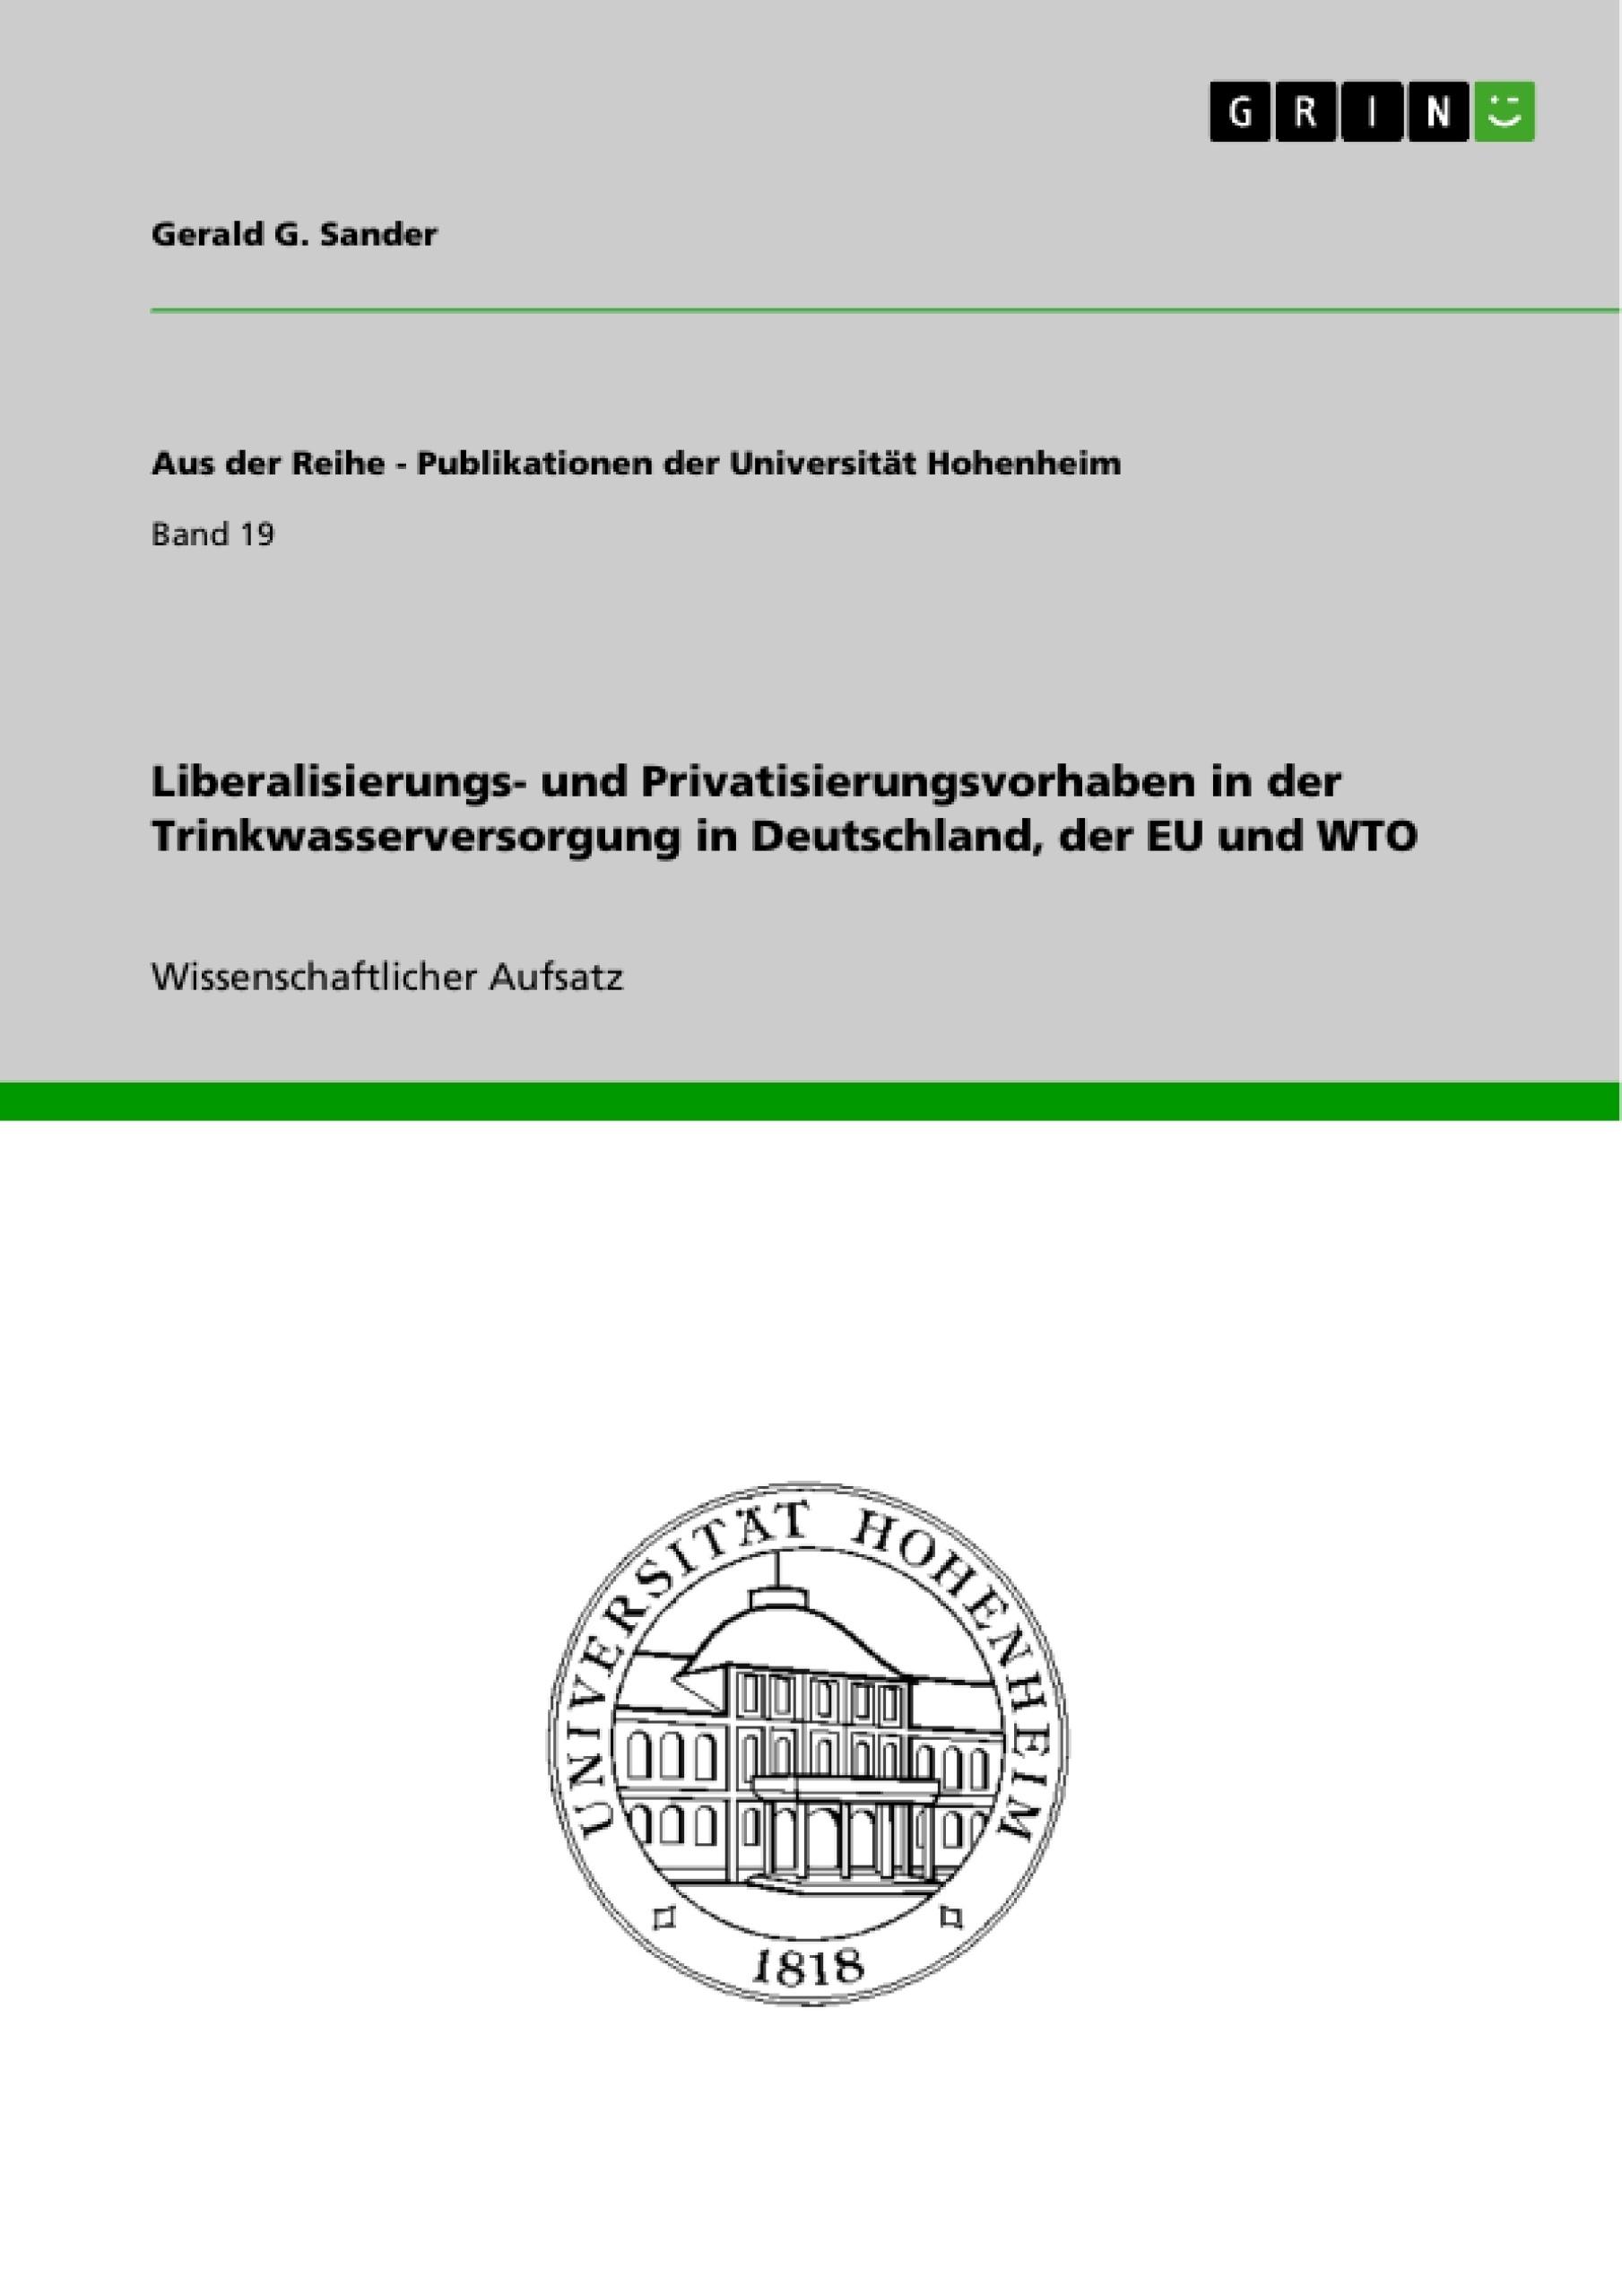 Titel: Liberalisierungs- und Privatisierungsvorhaben in der Trinkwasserversorgung in Deutschland, der EU und WTO